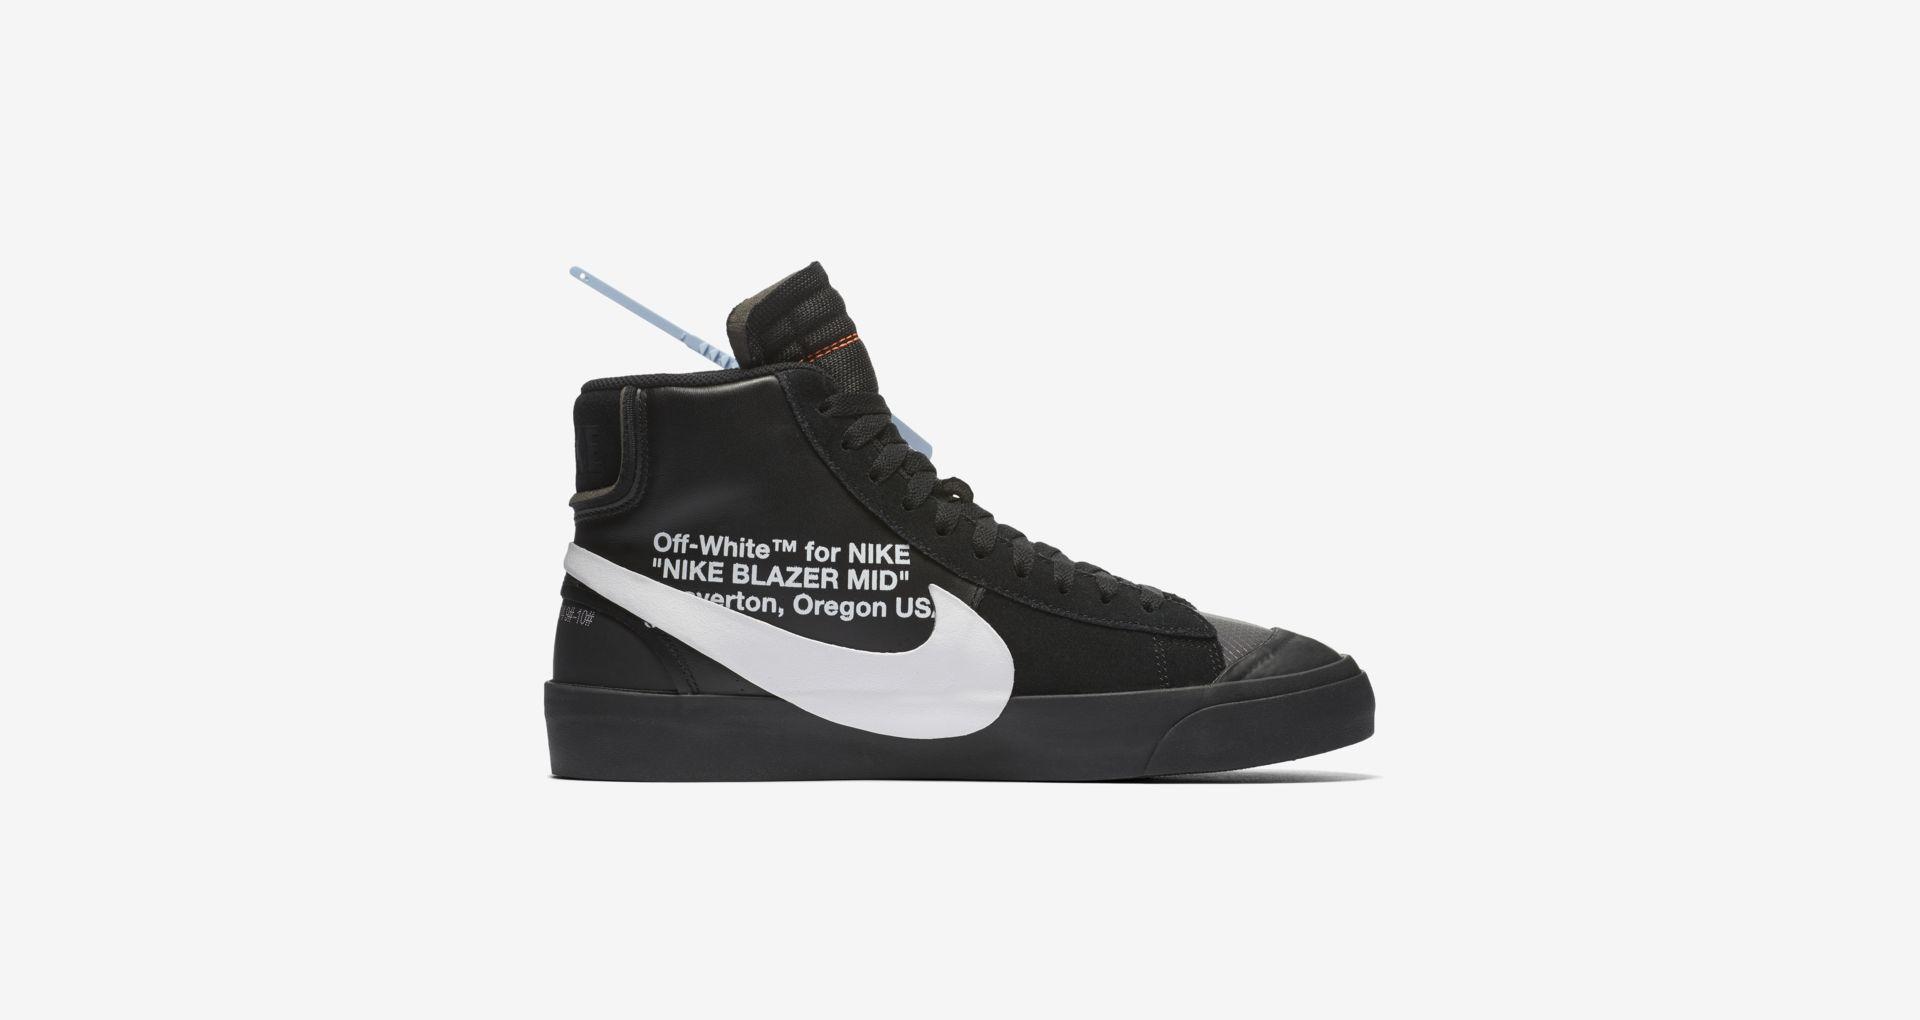 AA3832 001 Off White x Nike Blazer Mid Black 4